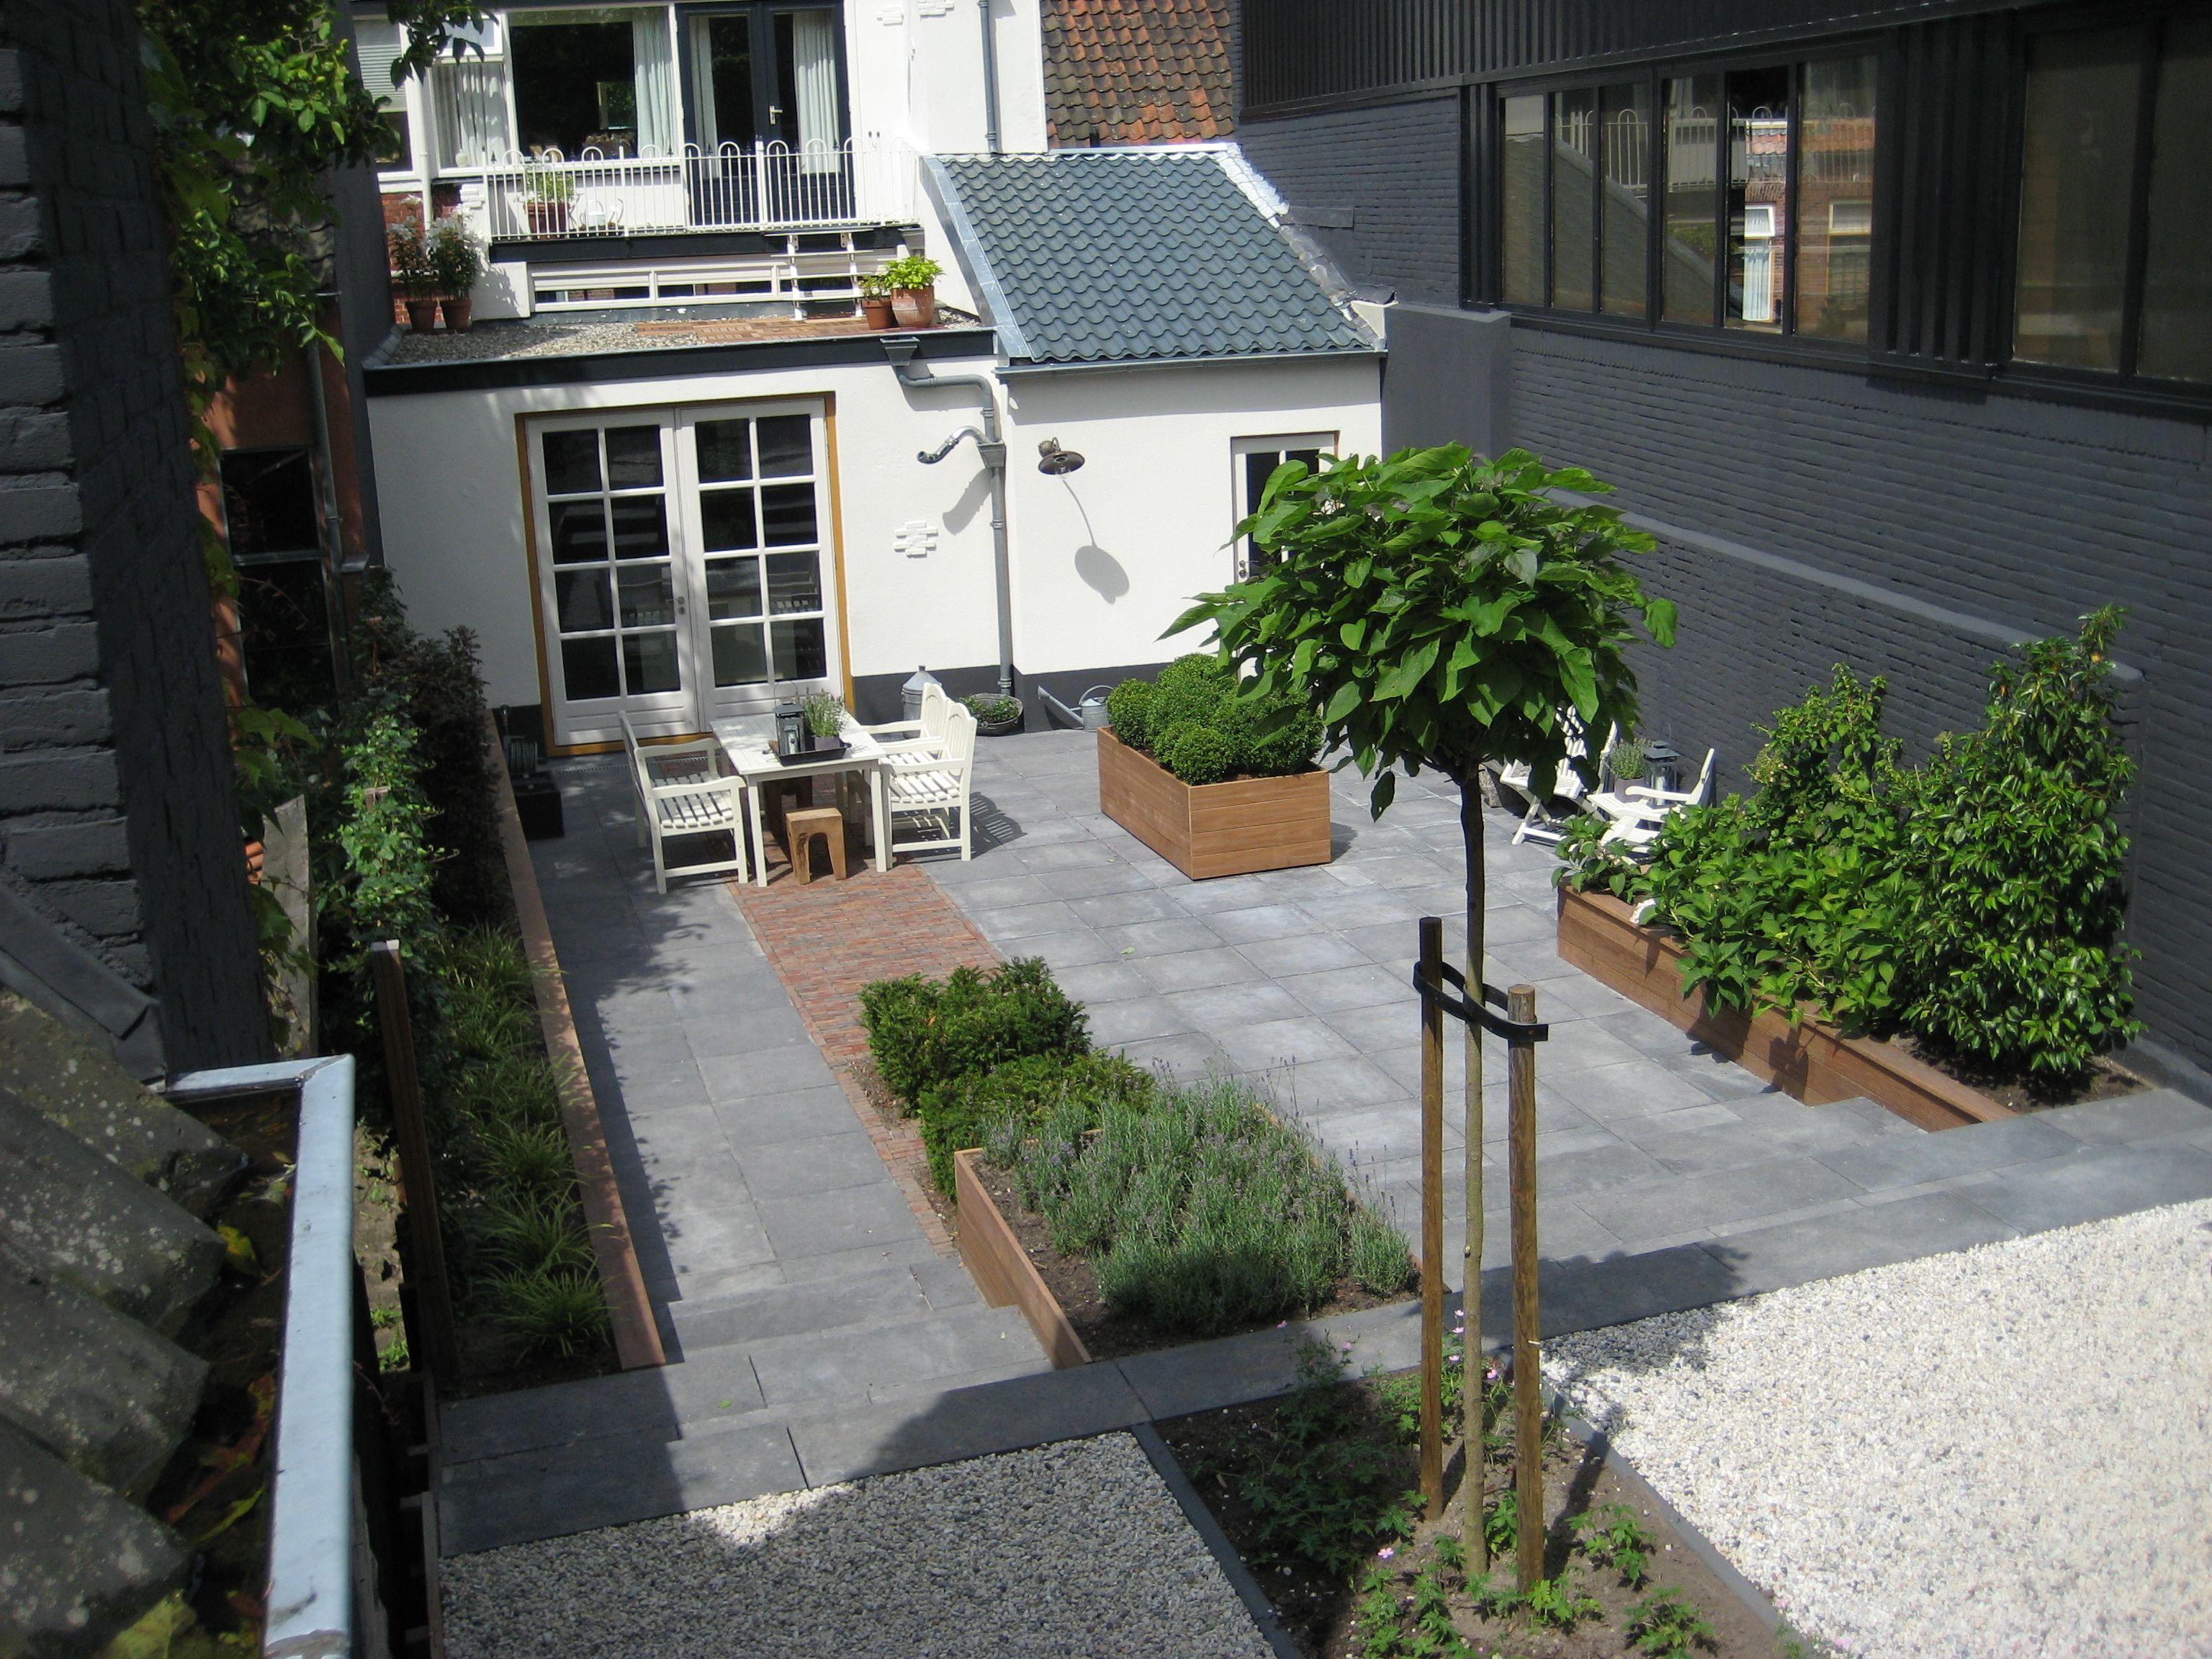 Verrijdbare Plantenbakken Voor Buiten.Achtertuin Gemaakt Met Verrijdbare Plantenbakken Home Garden